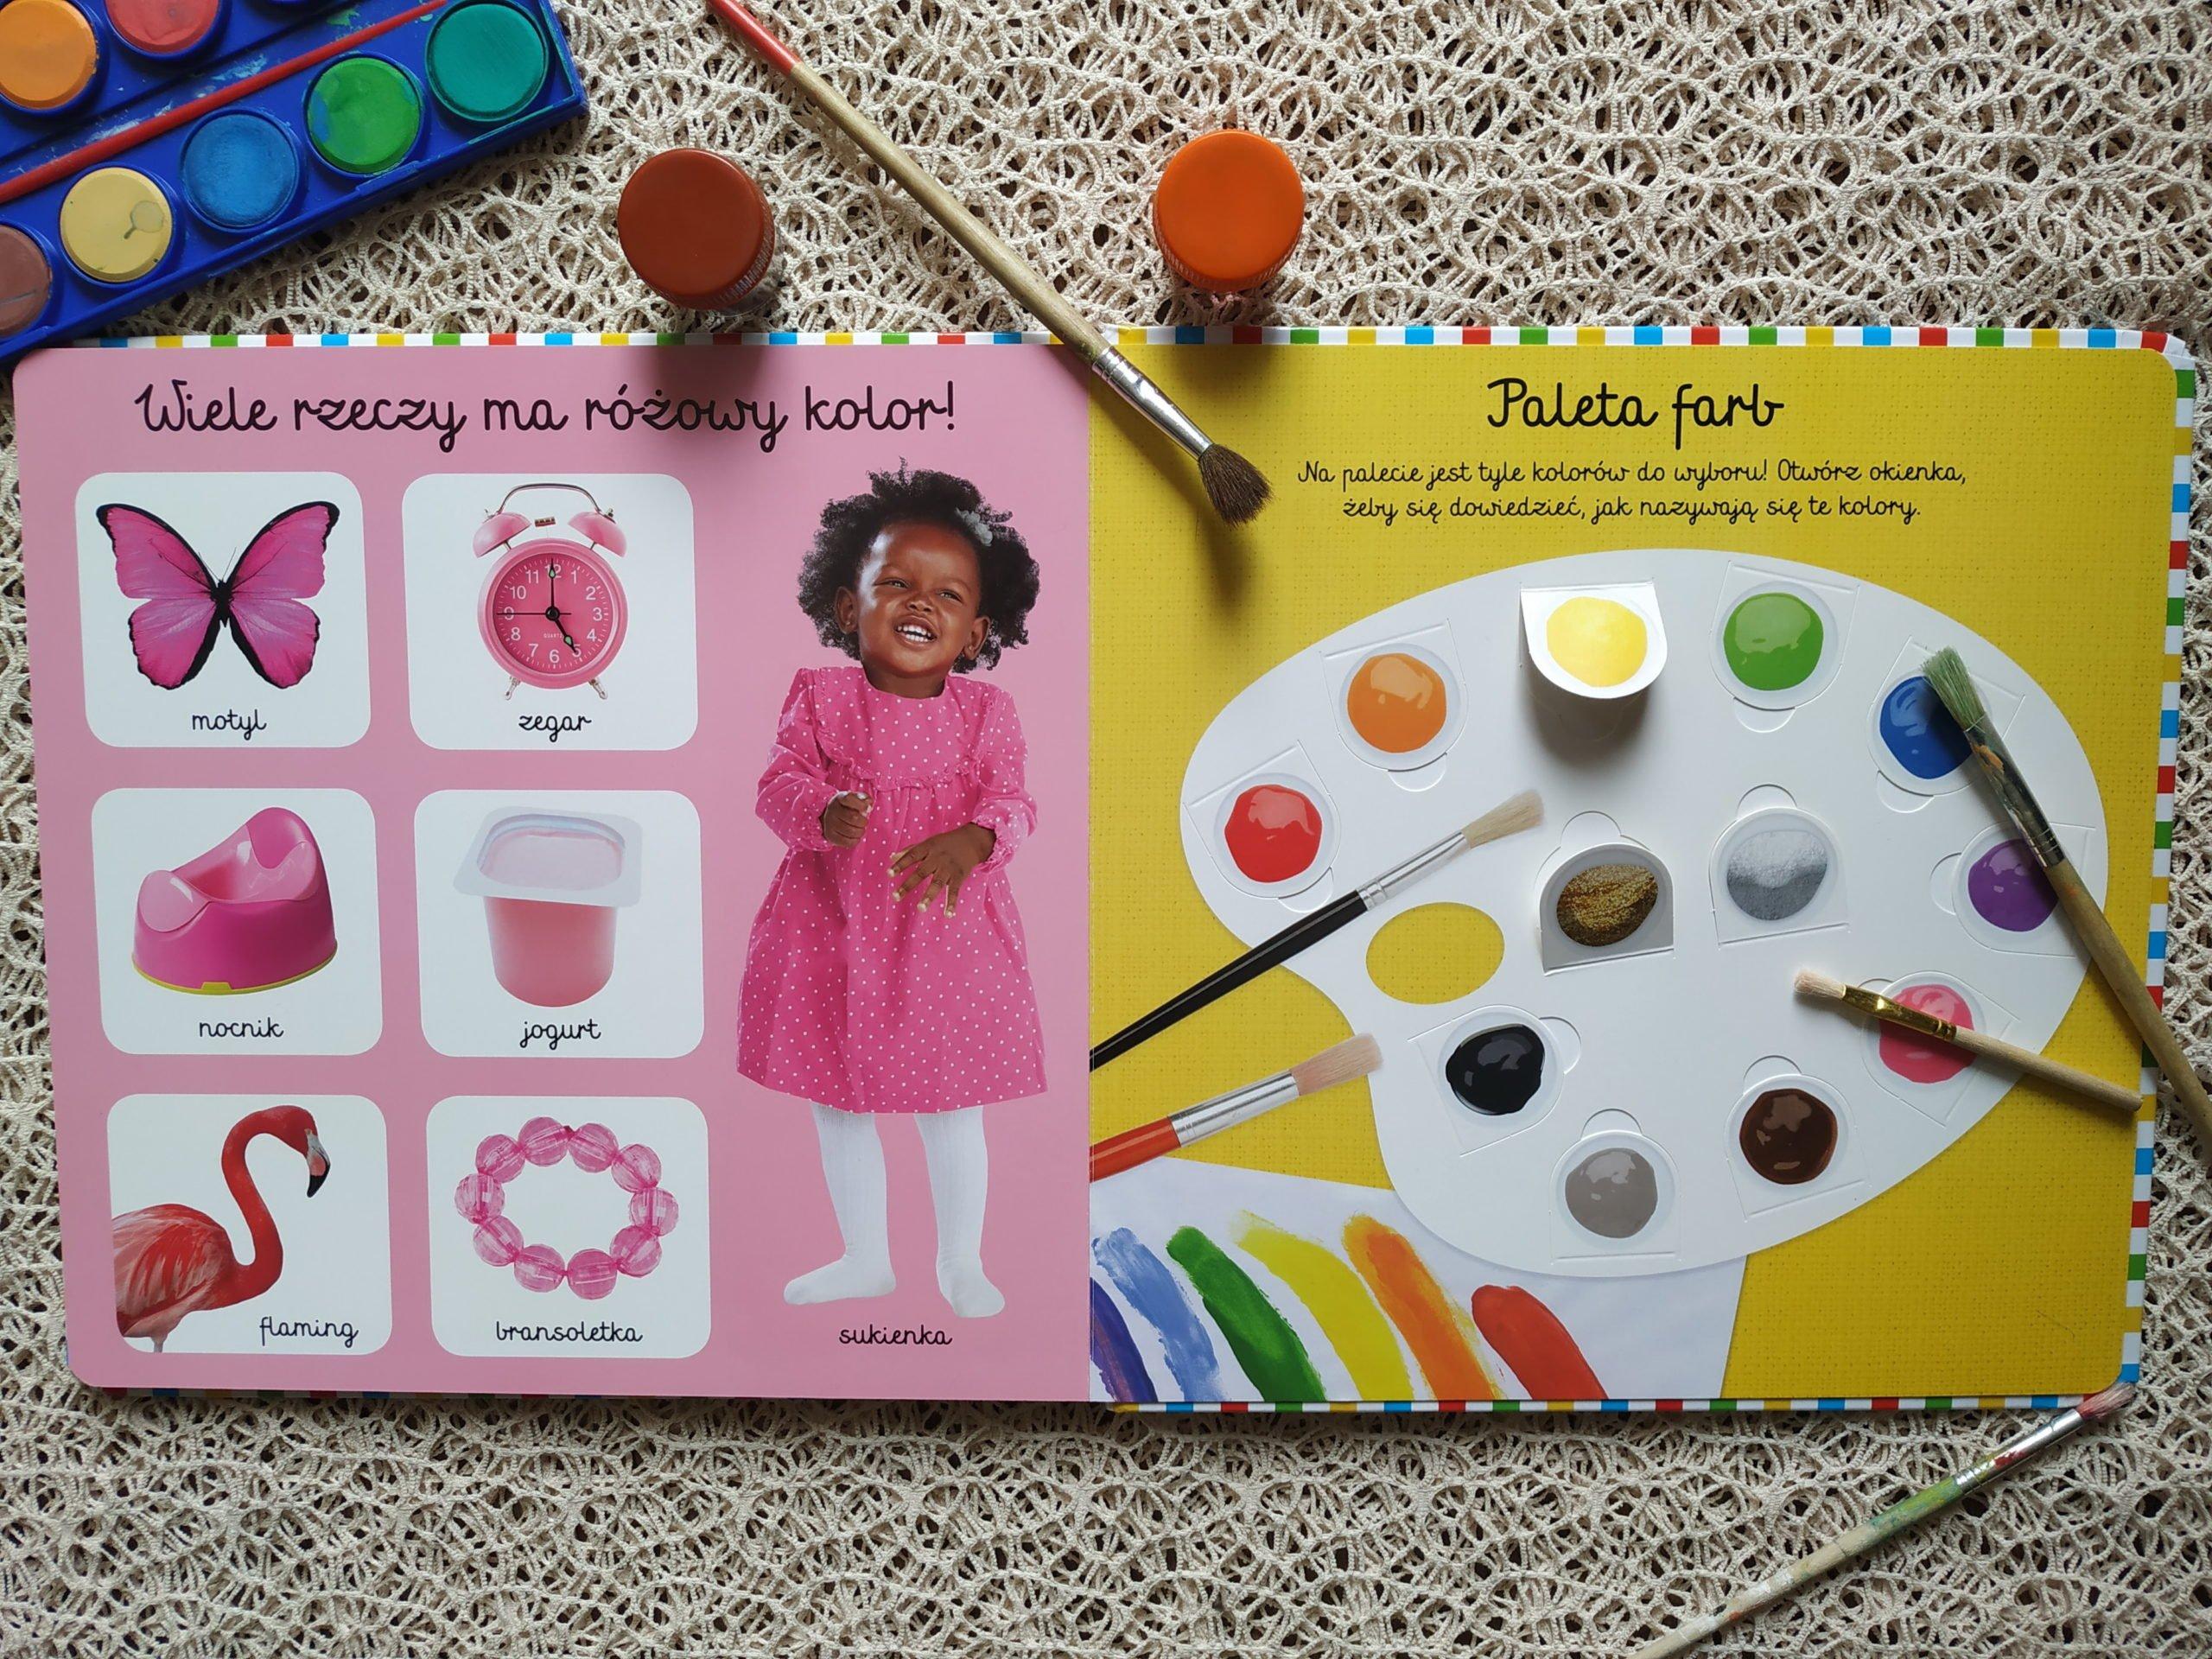 książka do nauki kolorów recenzja książki akademia mądrego dziecka moja pierwsza książka o kolorach